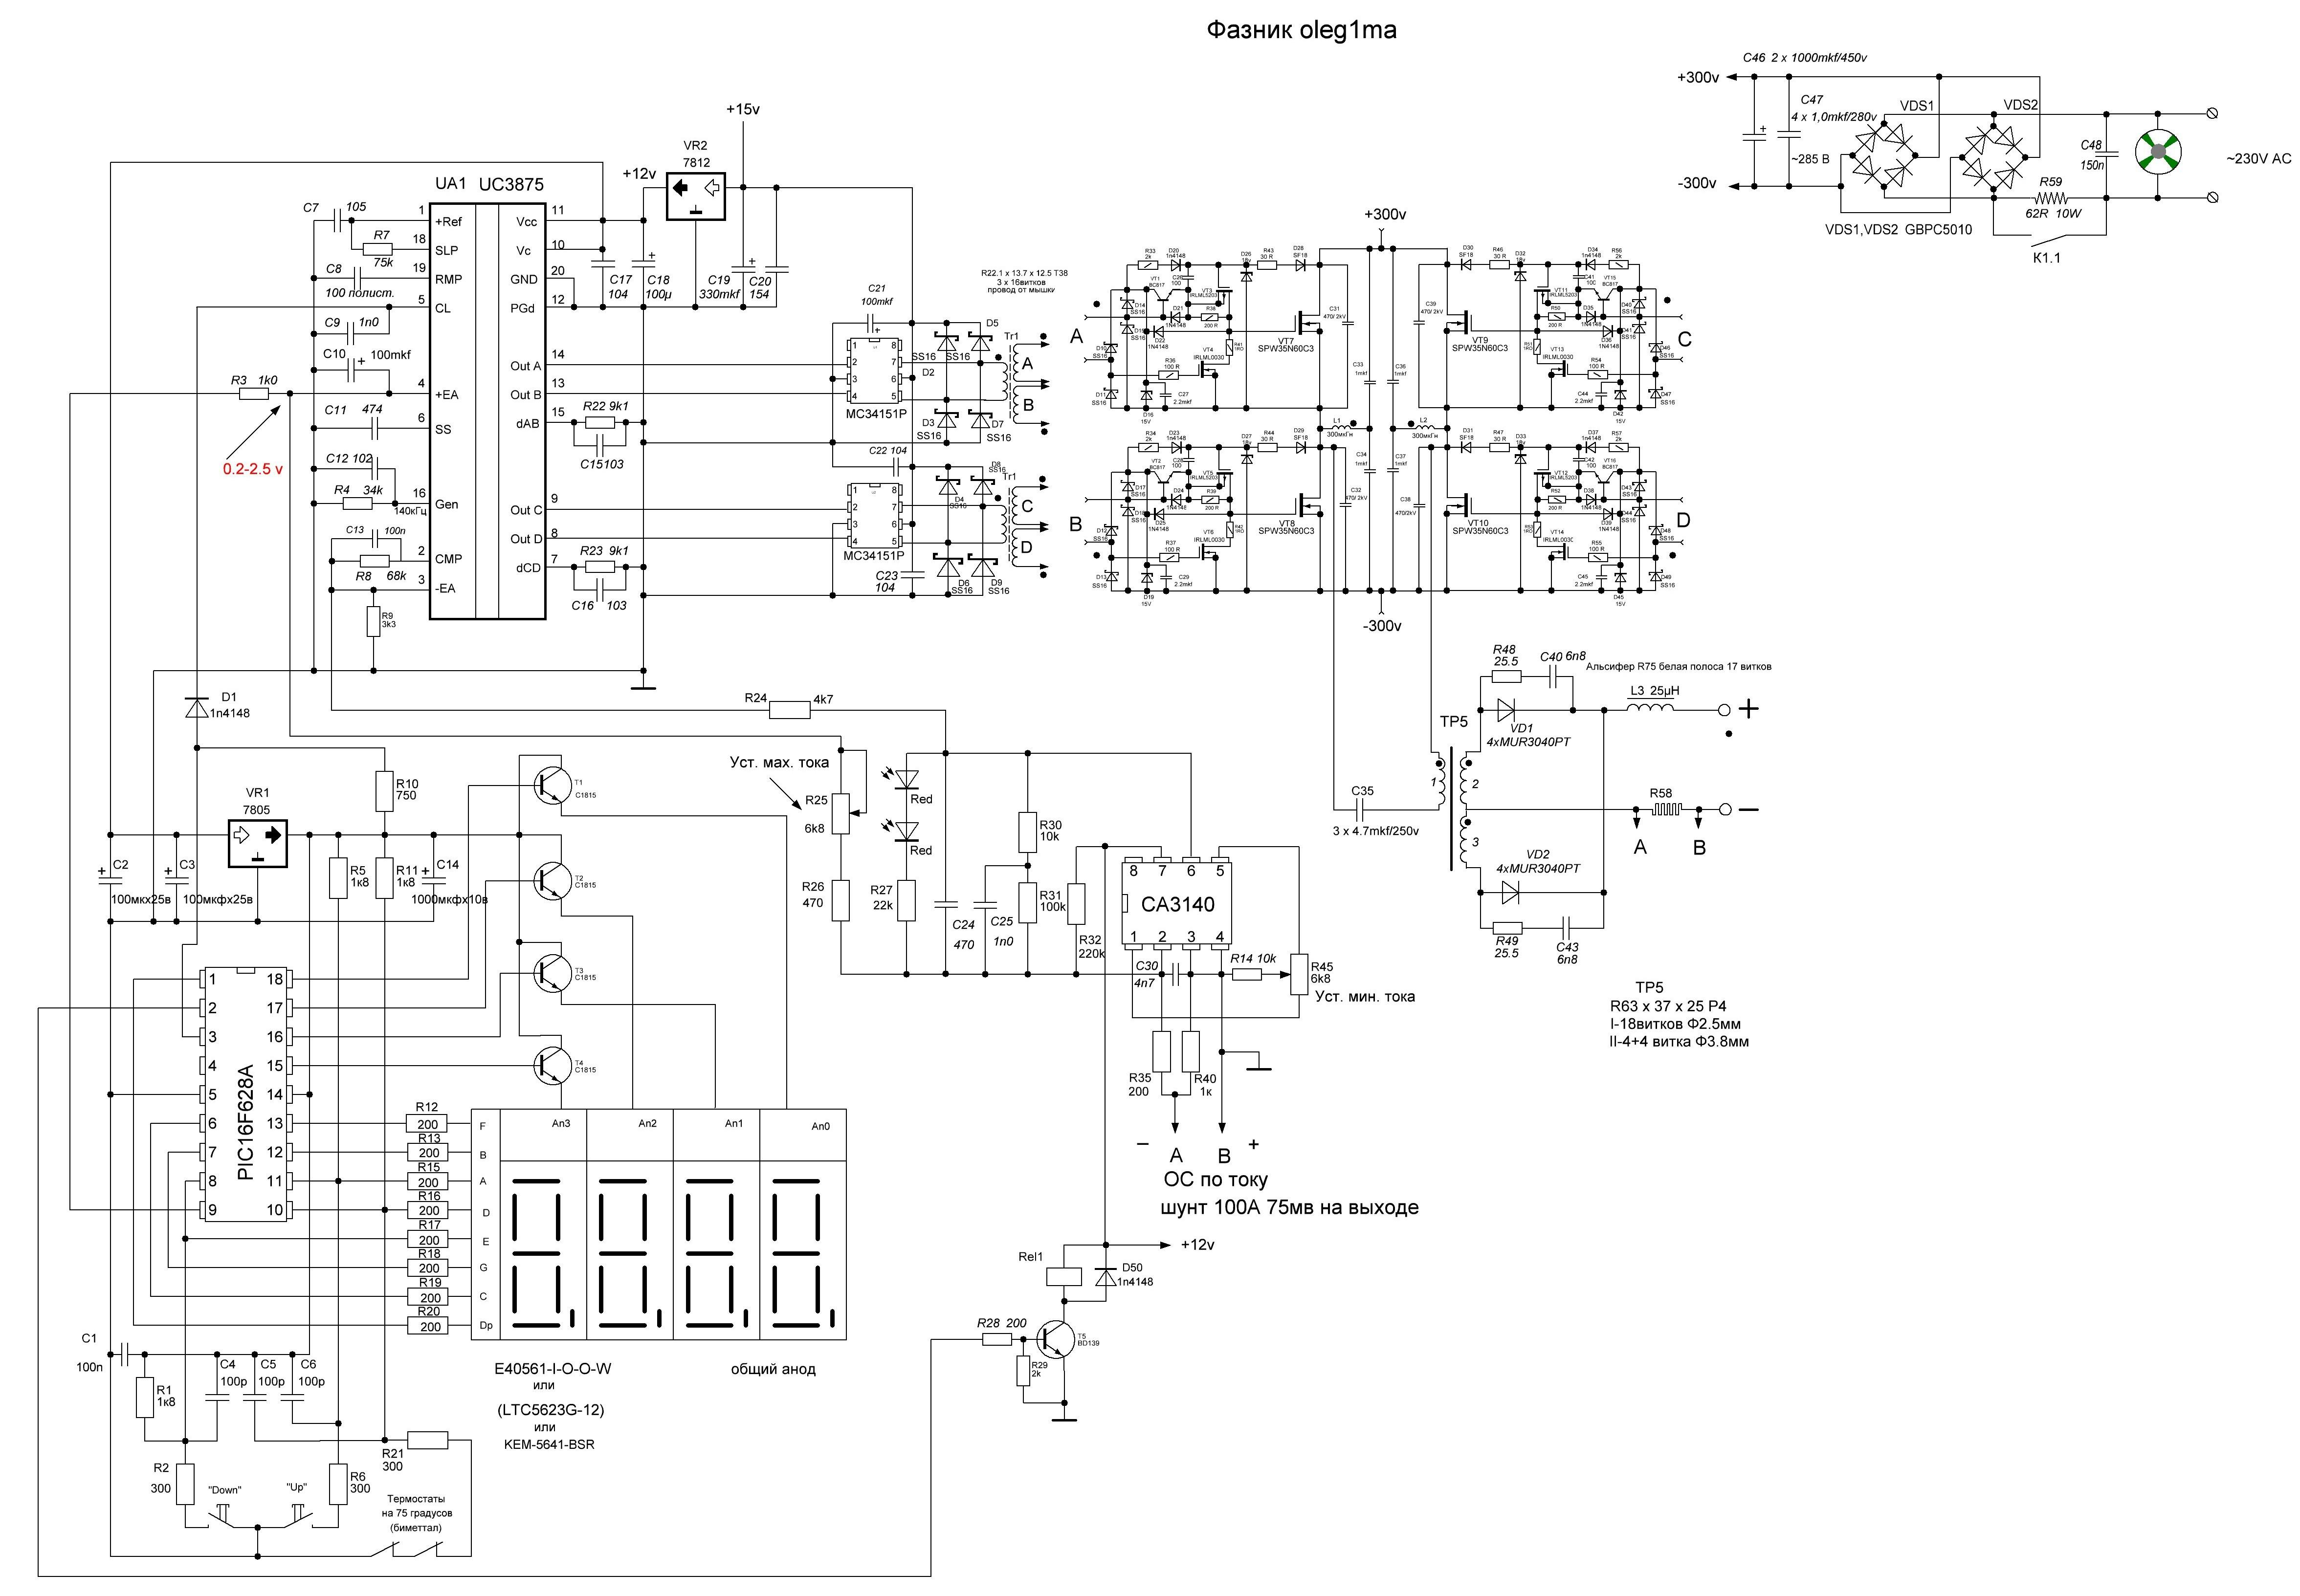 Схема сварочного инвертора, устройство основных модулей прибора, преобразующих входящий сигнал